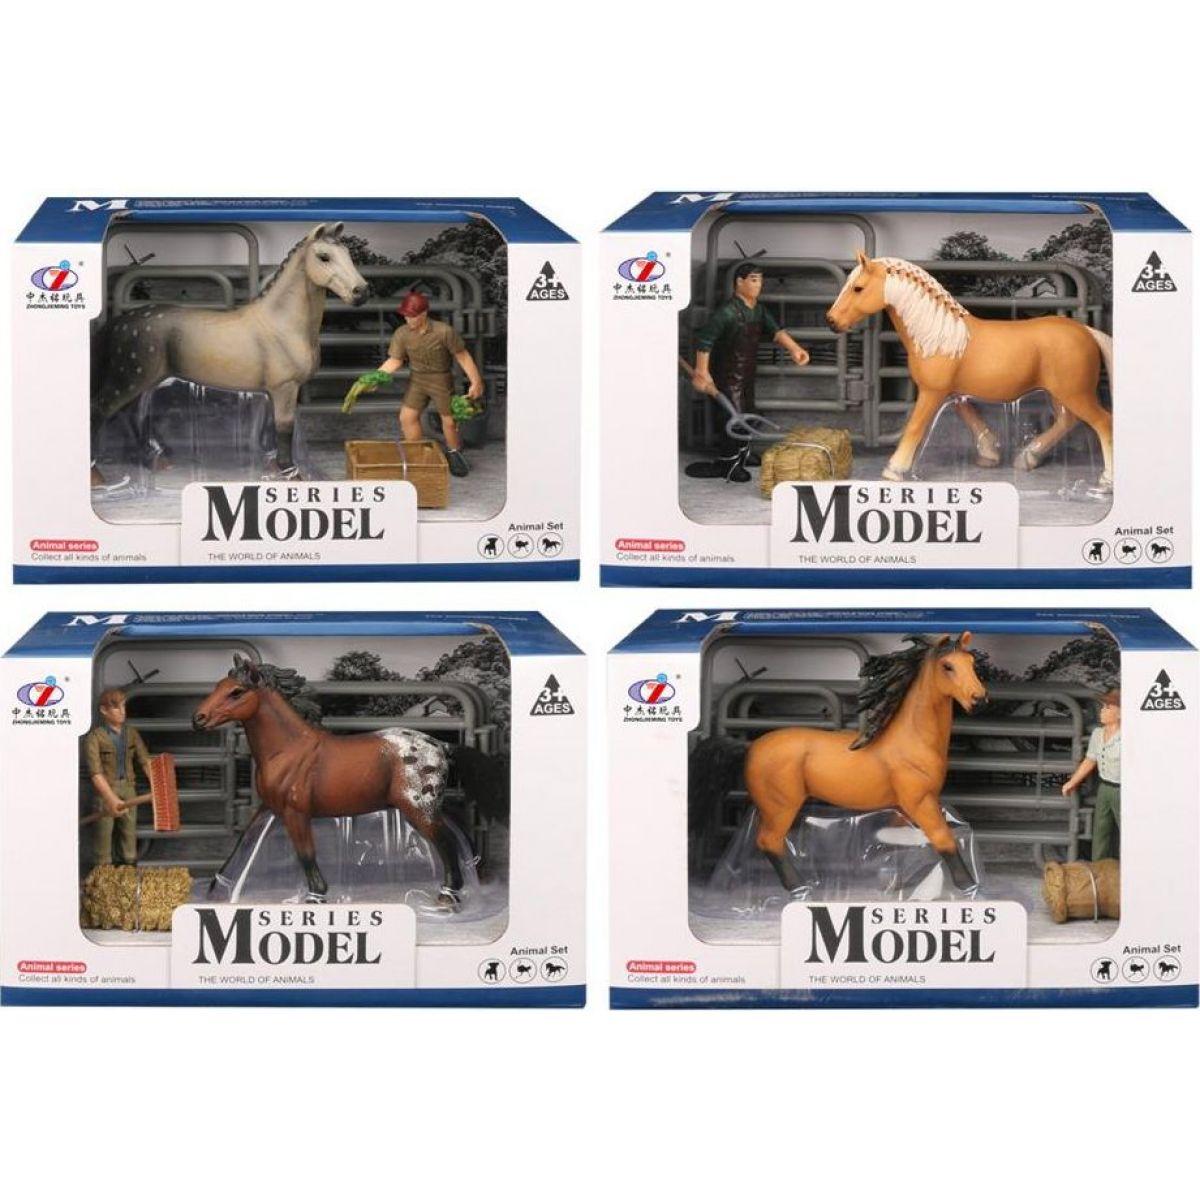 EP Line Series Model Svět zvířat Sada 2 Kůň s figurkou hnědý kůň - světle hnědý kůň s černou hřívou